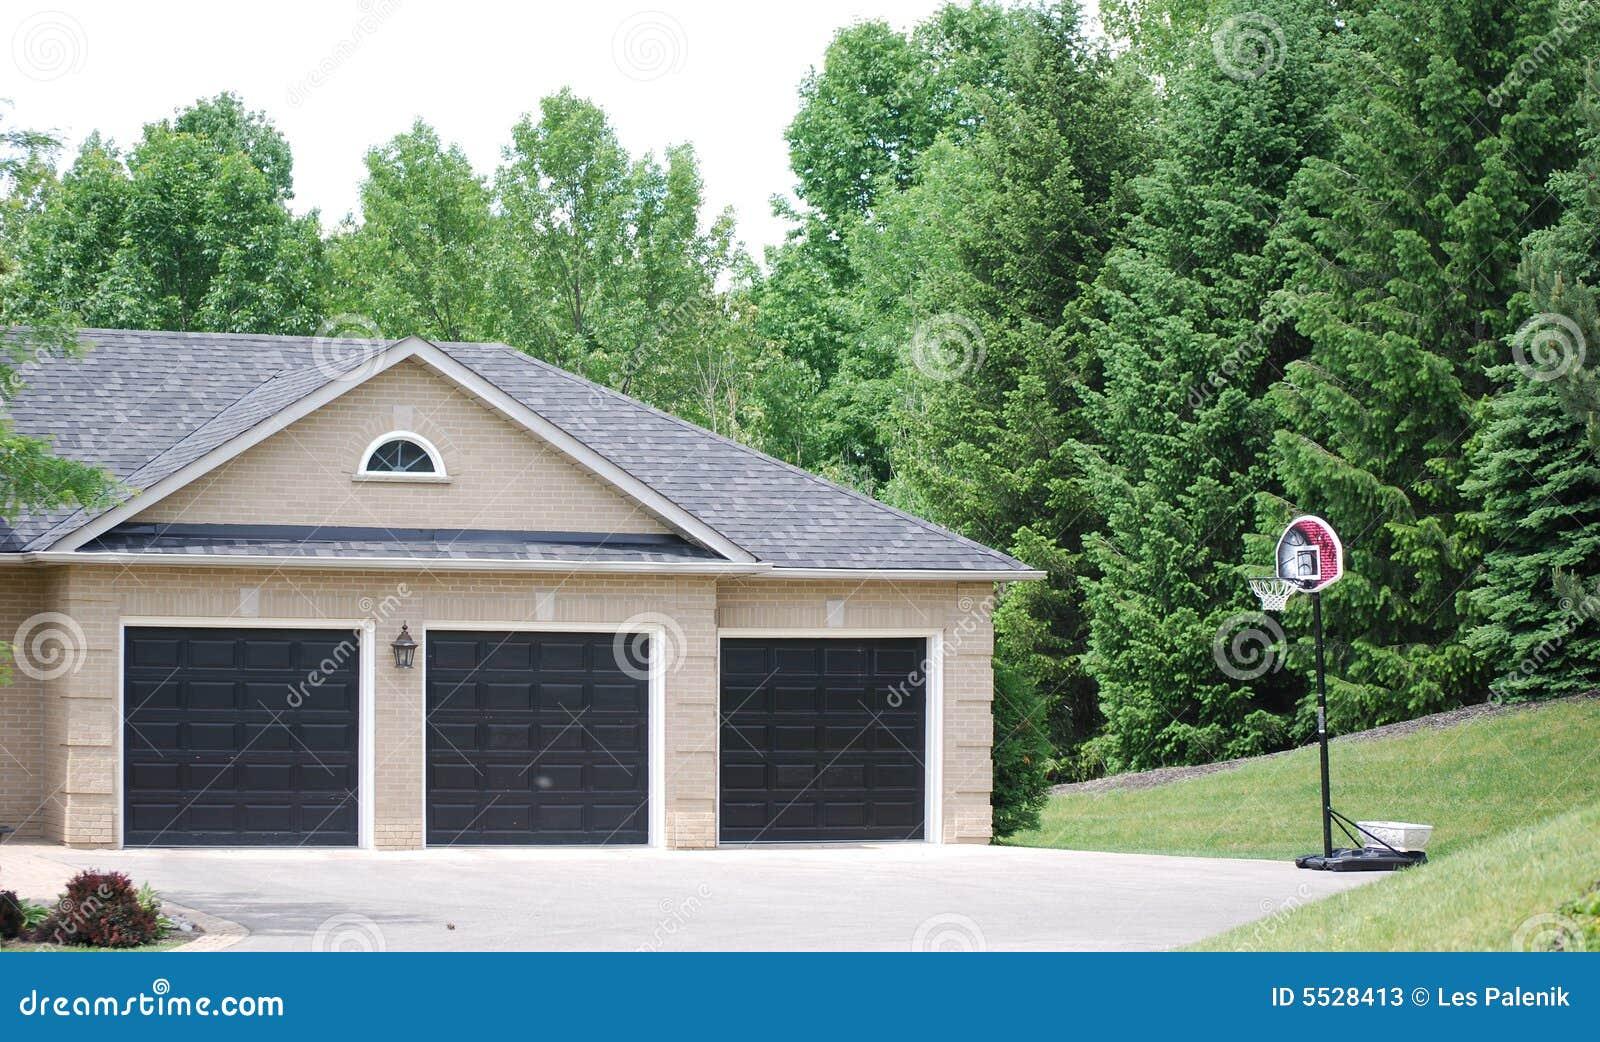 Three Door Car Garage Stock Image Image Of Detached Garage 5528413